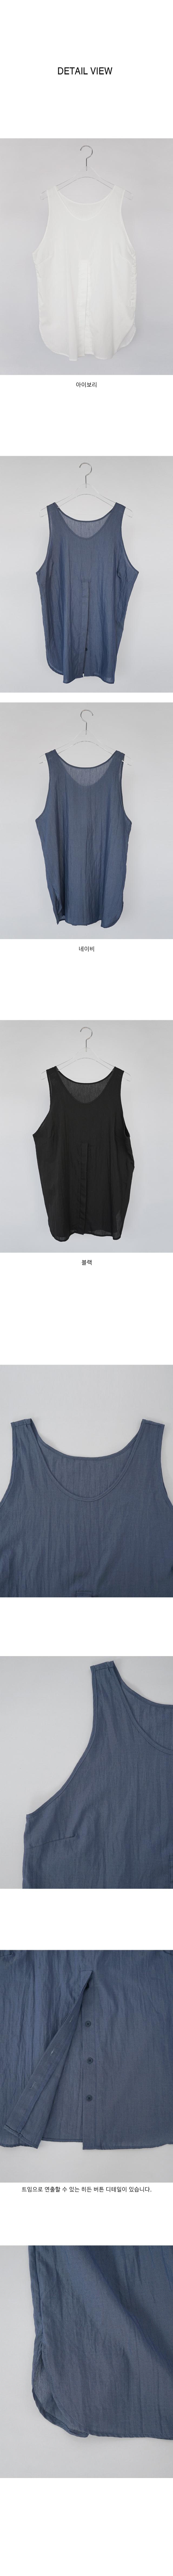 hidden button slit blouse